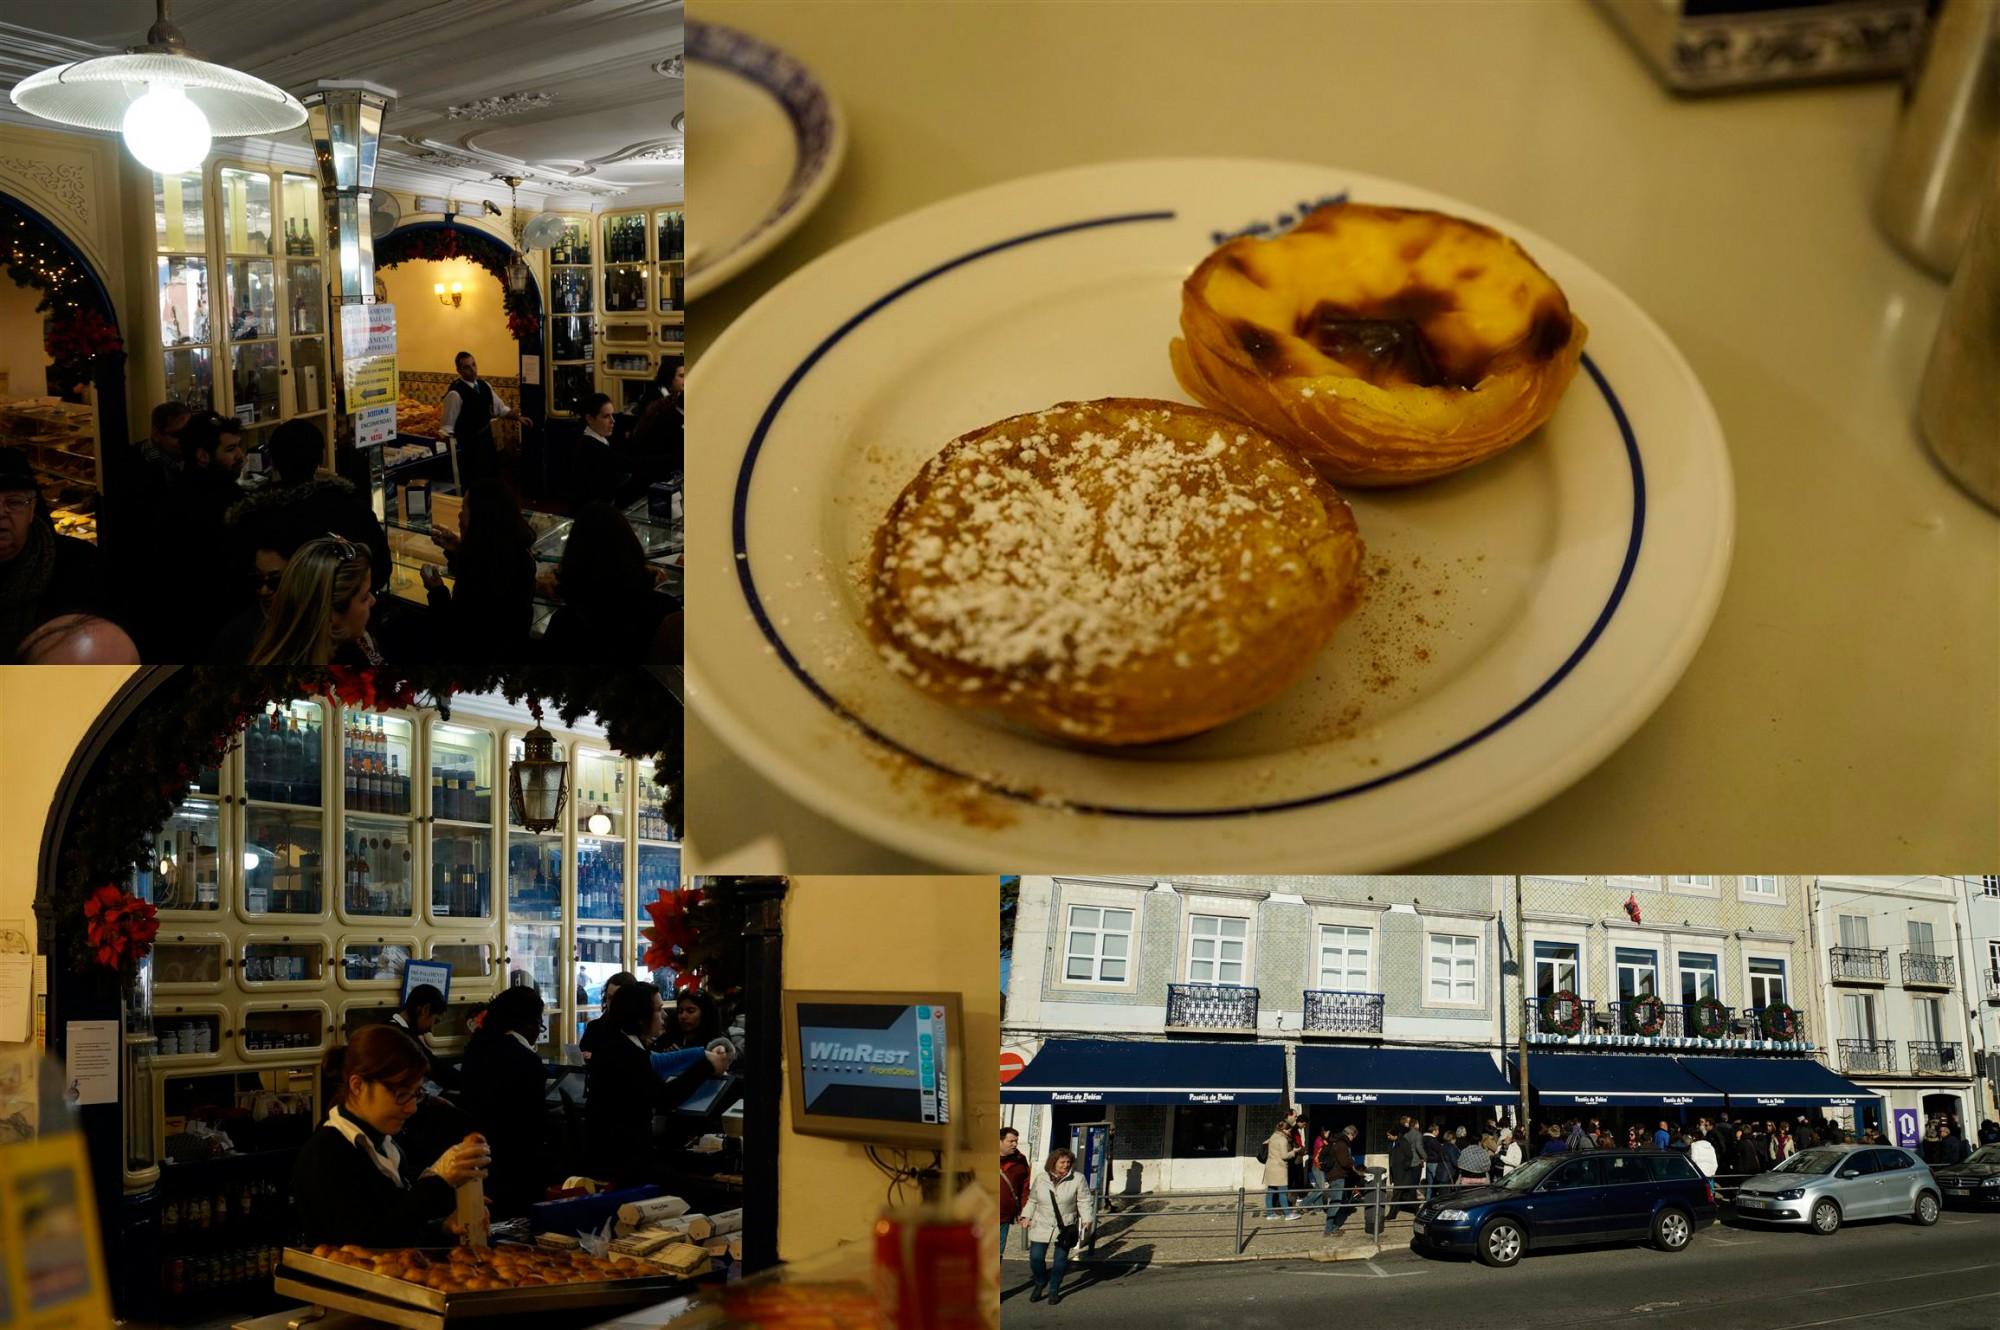 Reisetipps Lissabon in Winter von Ü40 Bloggerin Cerstin iknmlo Casa Pastéis de Belém